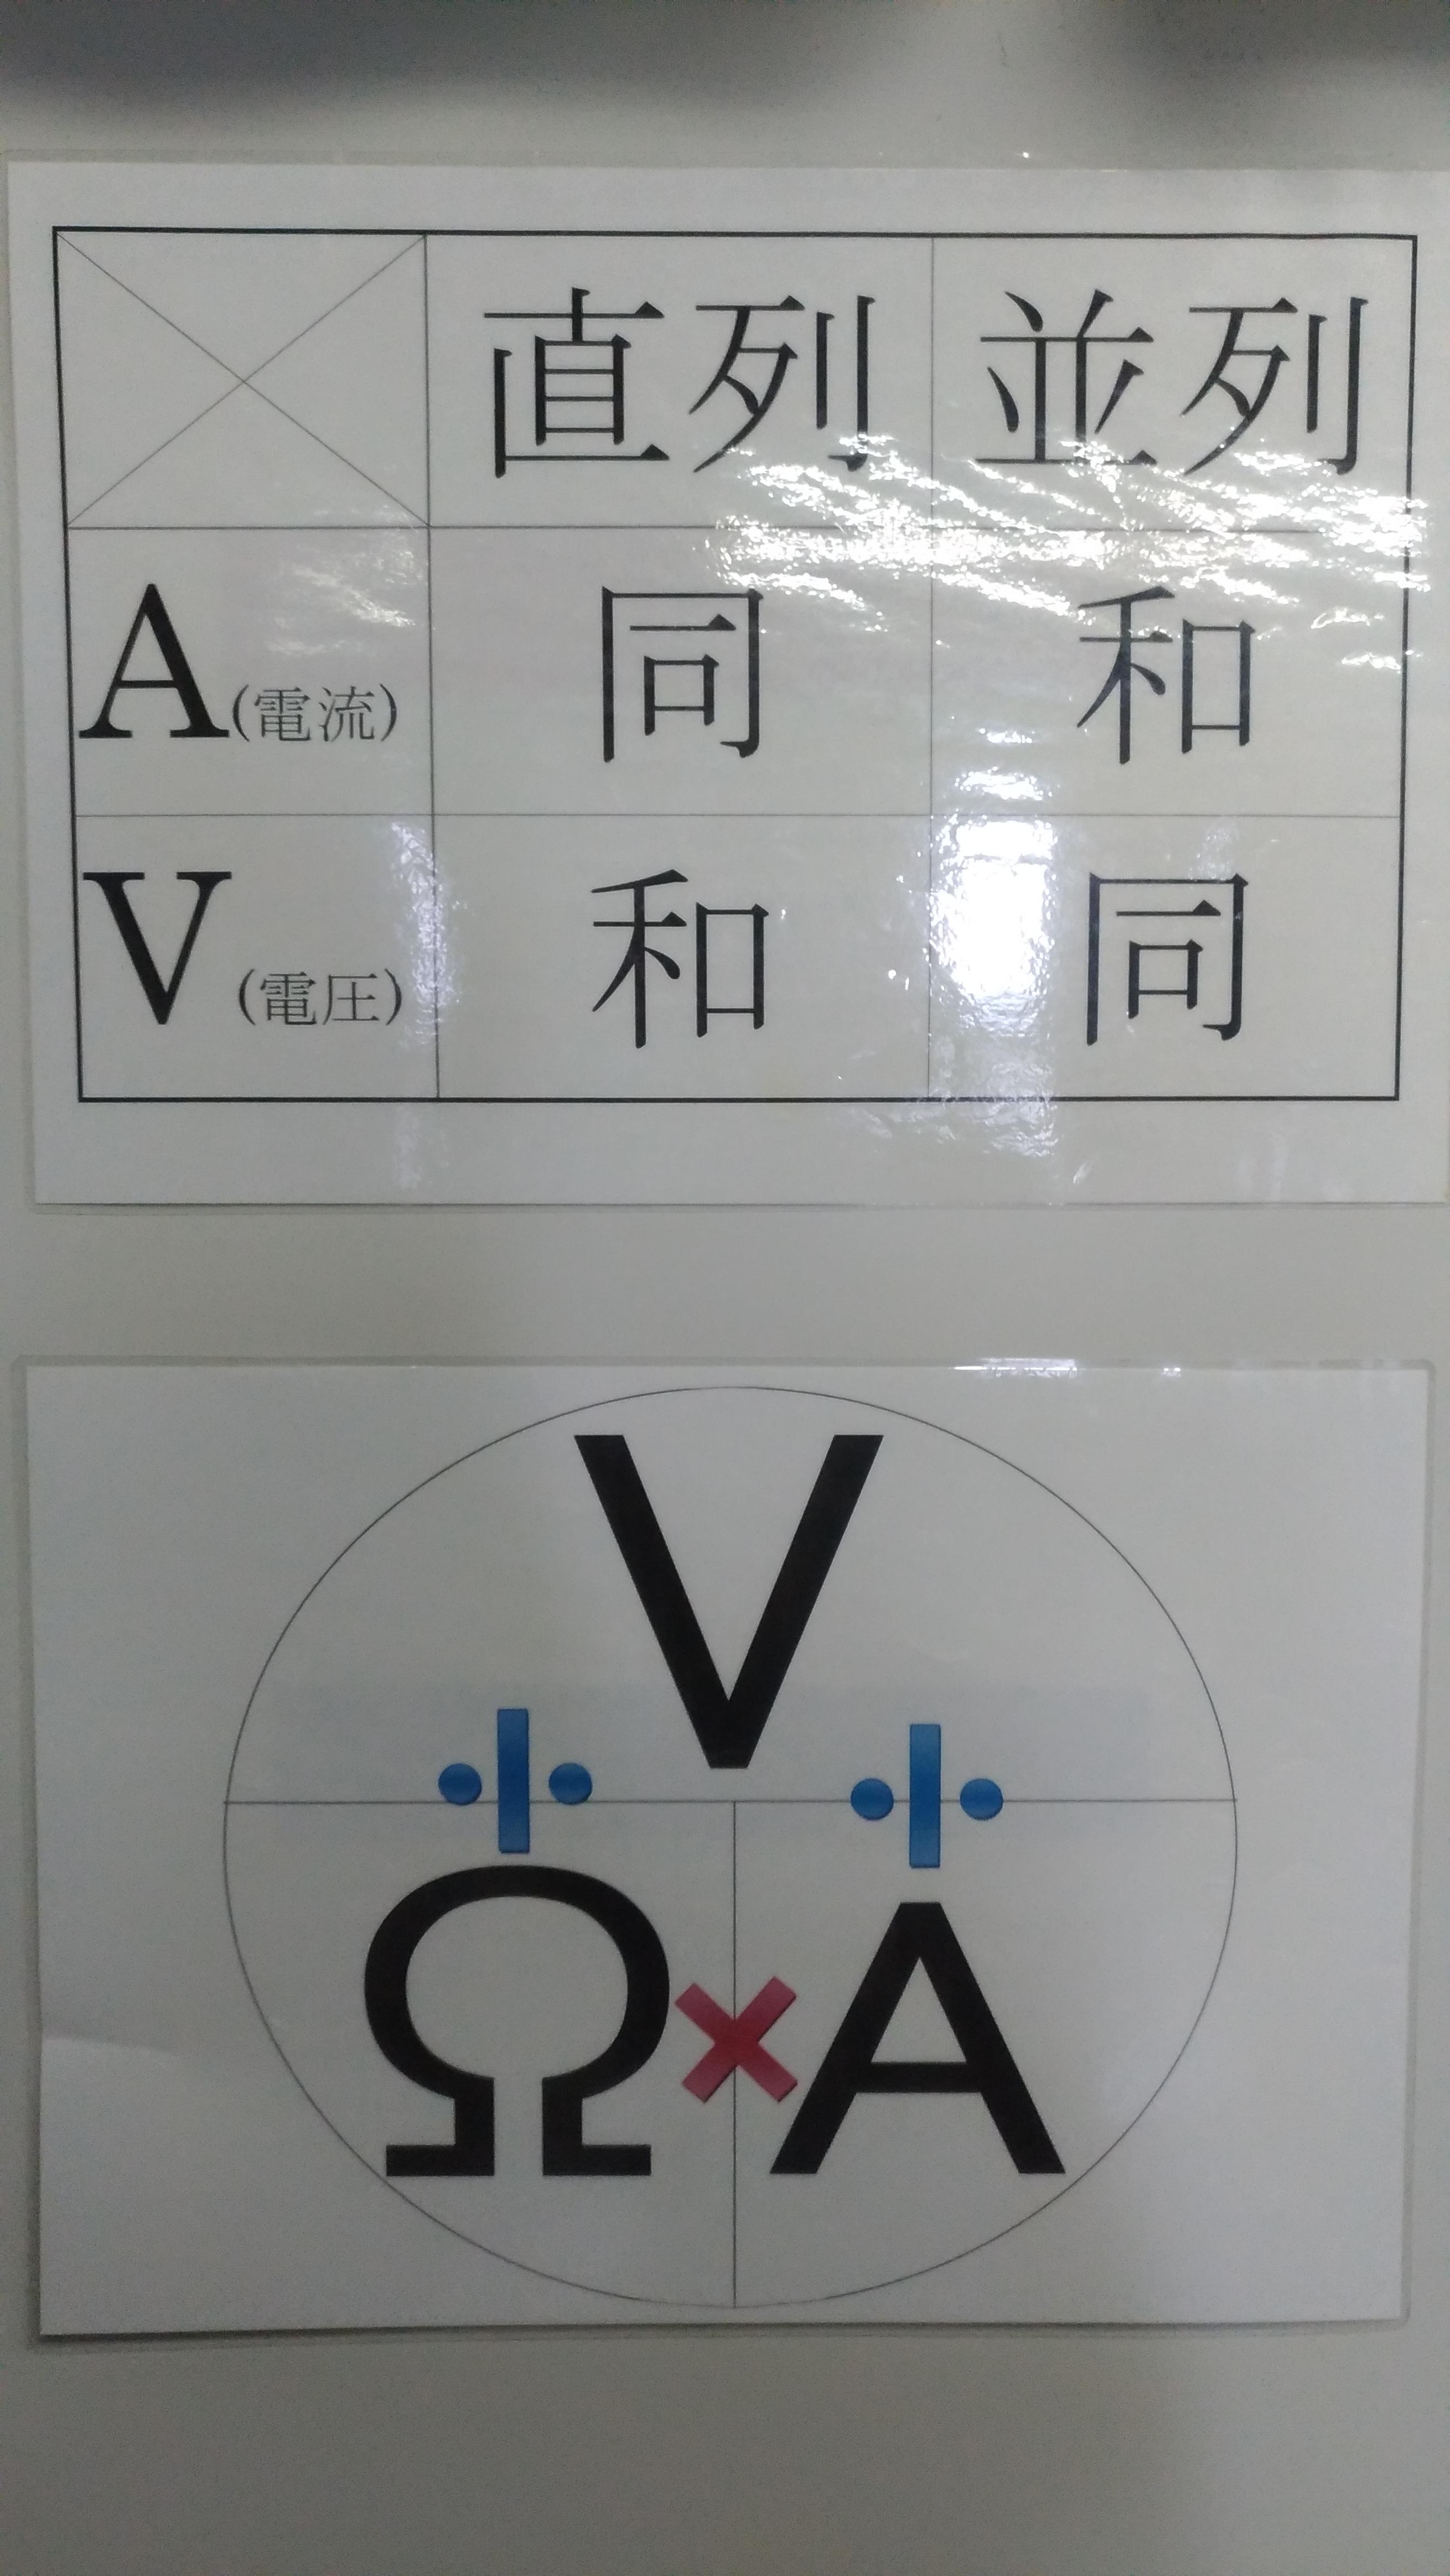 電流の授業で常に黒板に貼っておきたい掲示物